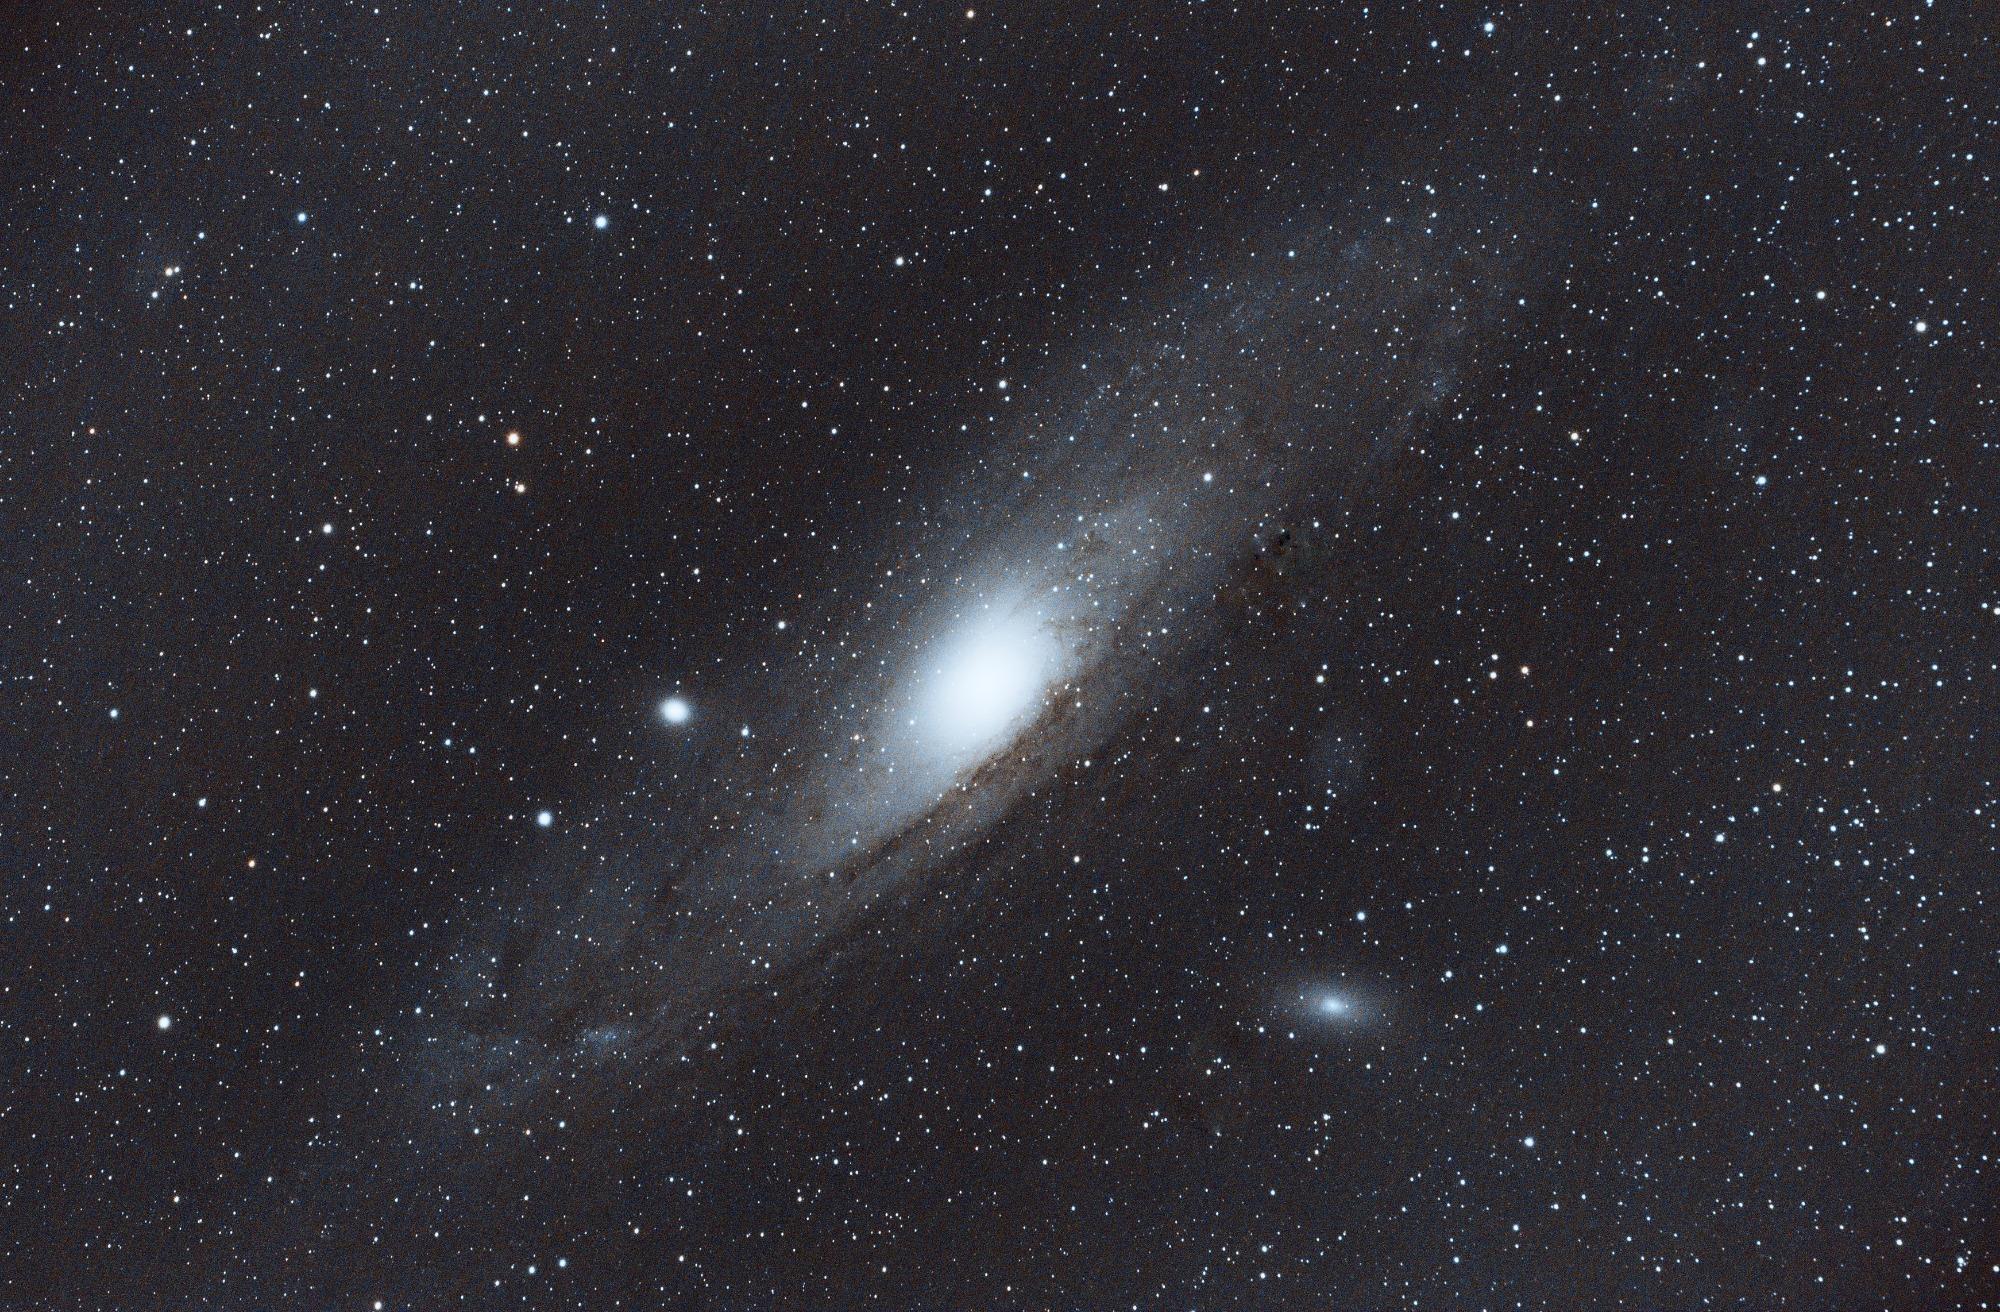 M31_Andromeda_light_FILTER_OSC_BINNING_1_integration_ABE_ABE-healed-2.jpg